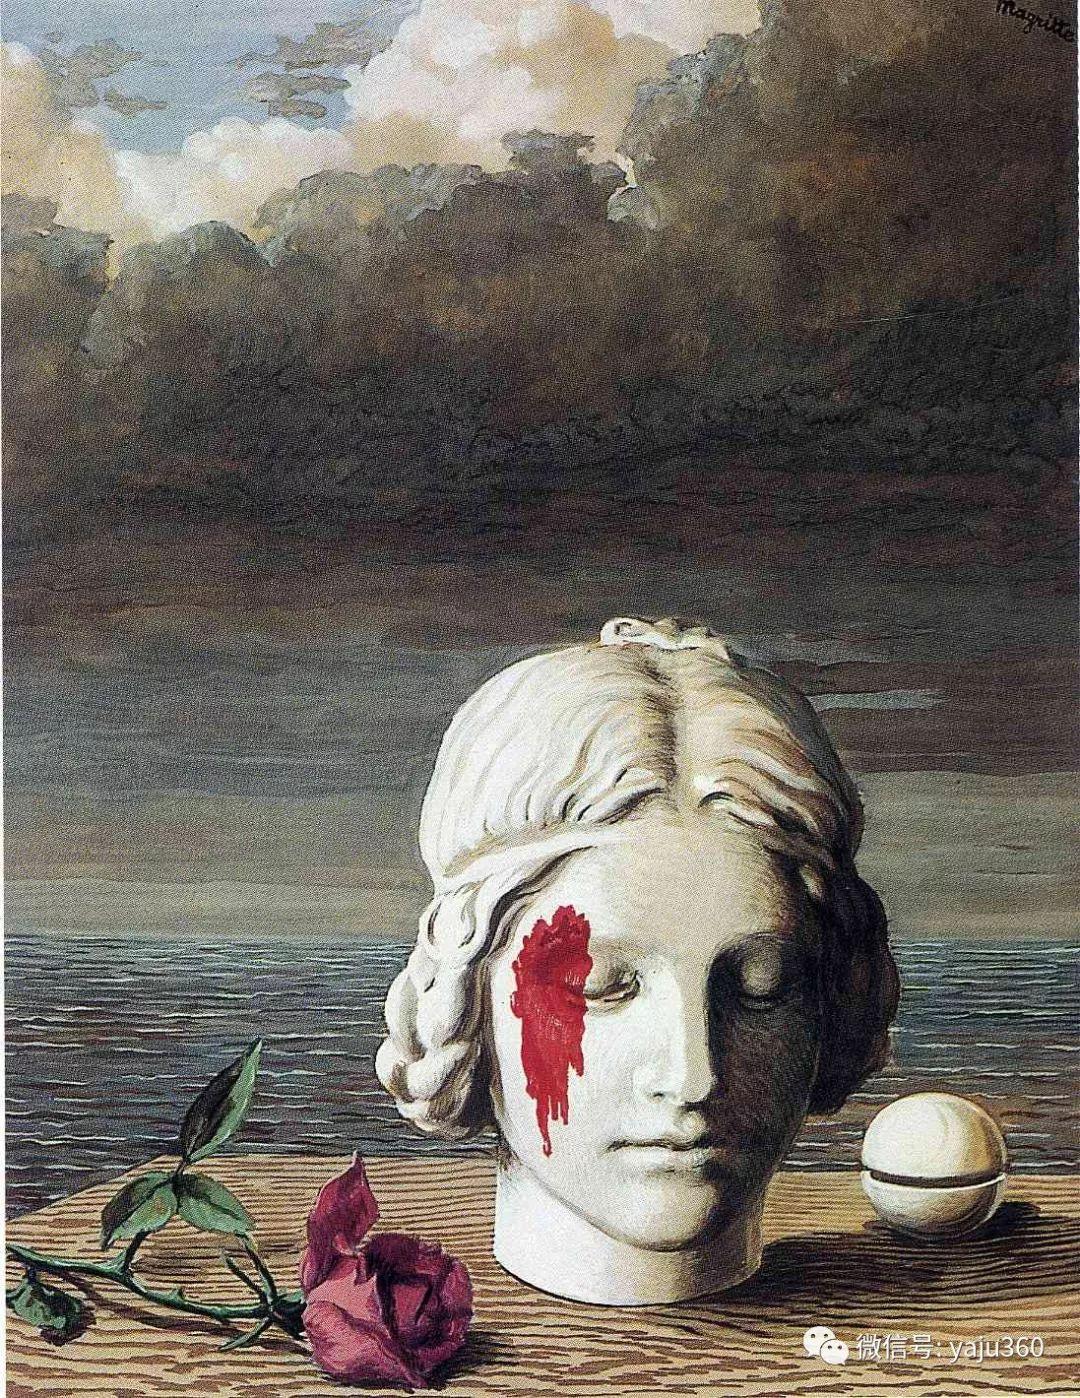 超现实主义 比利时画家Rene Magritte插图37